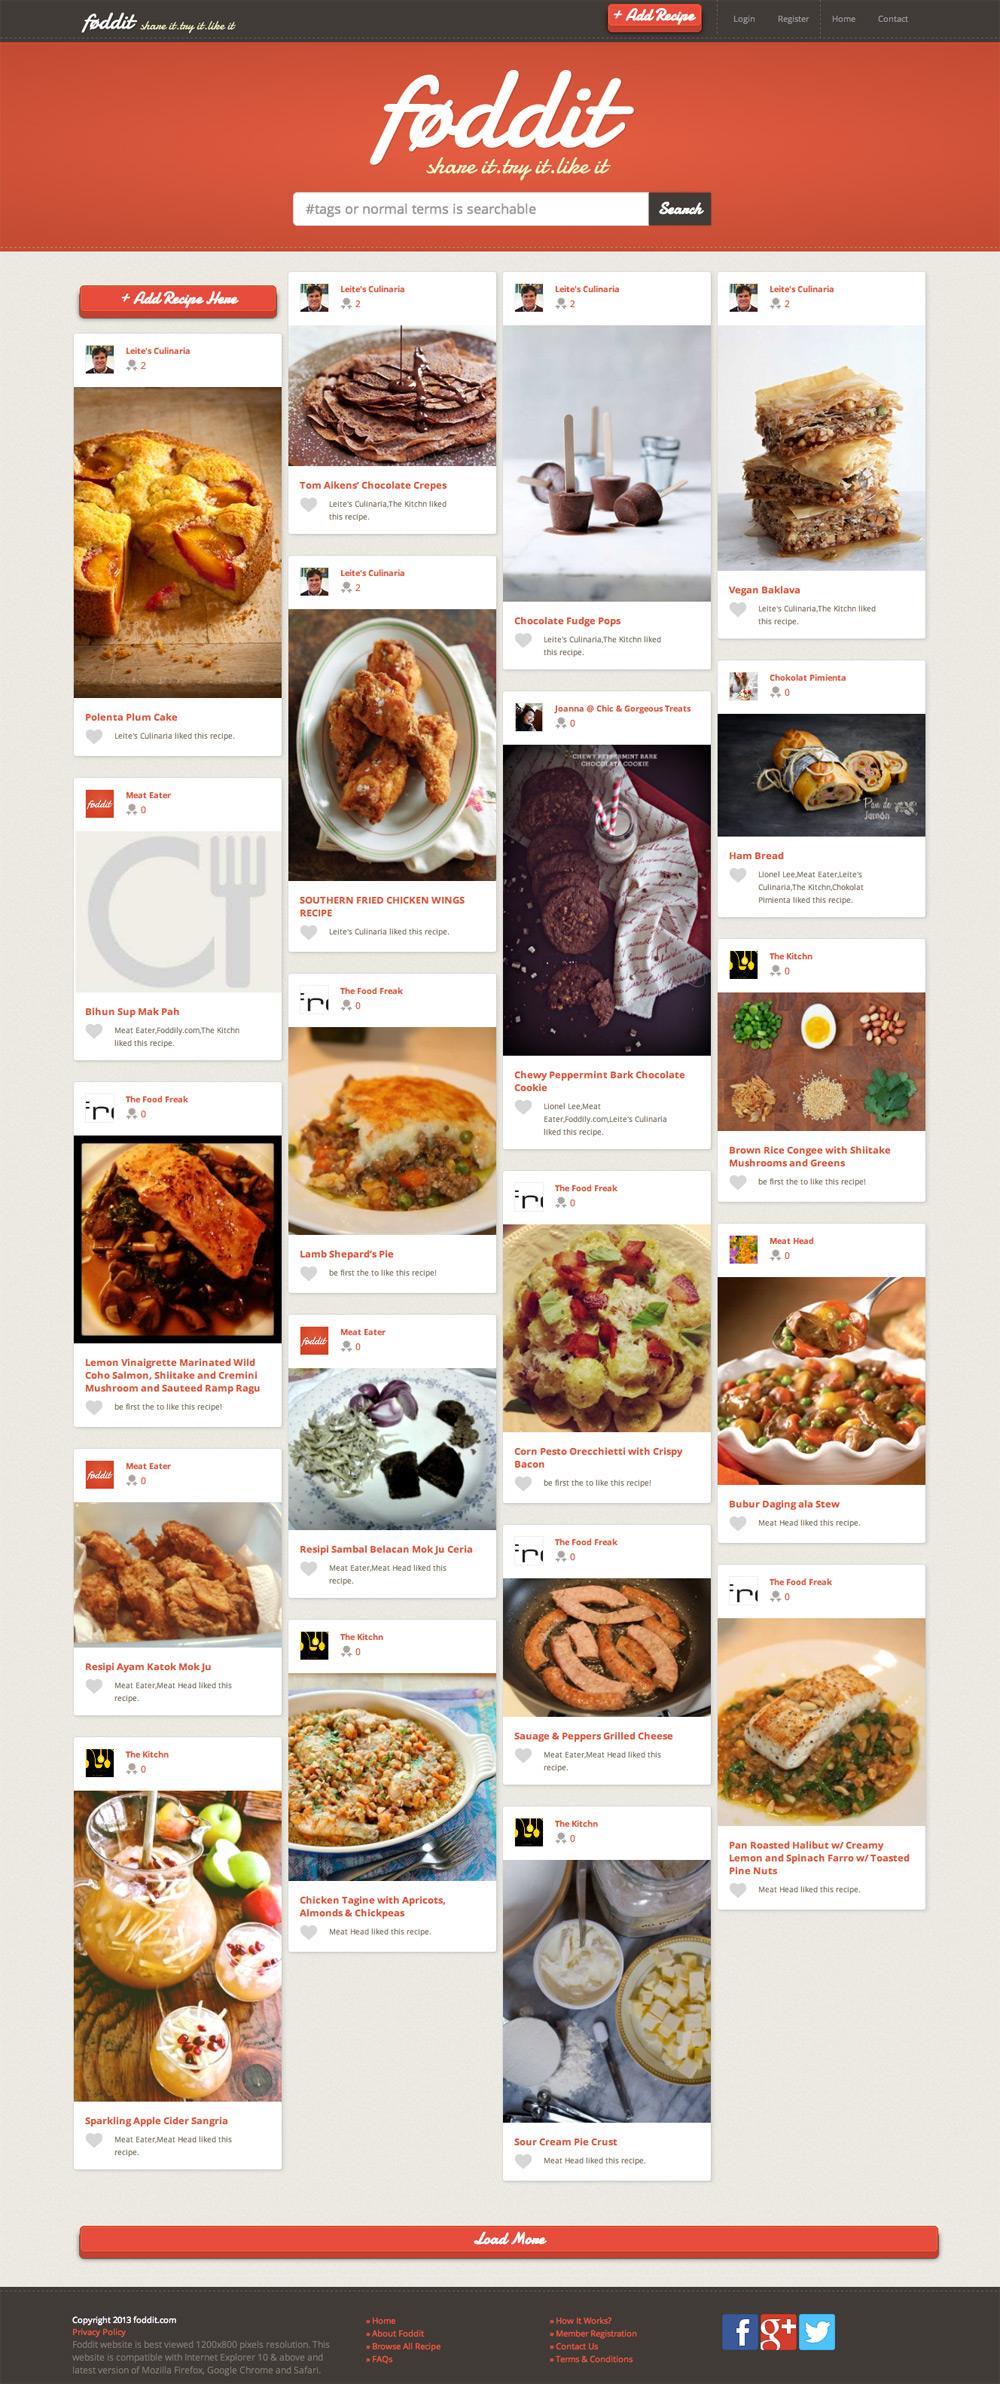 Fooddit